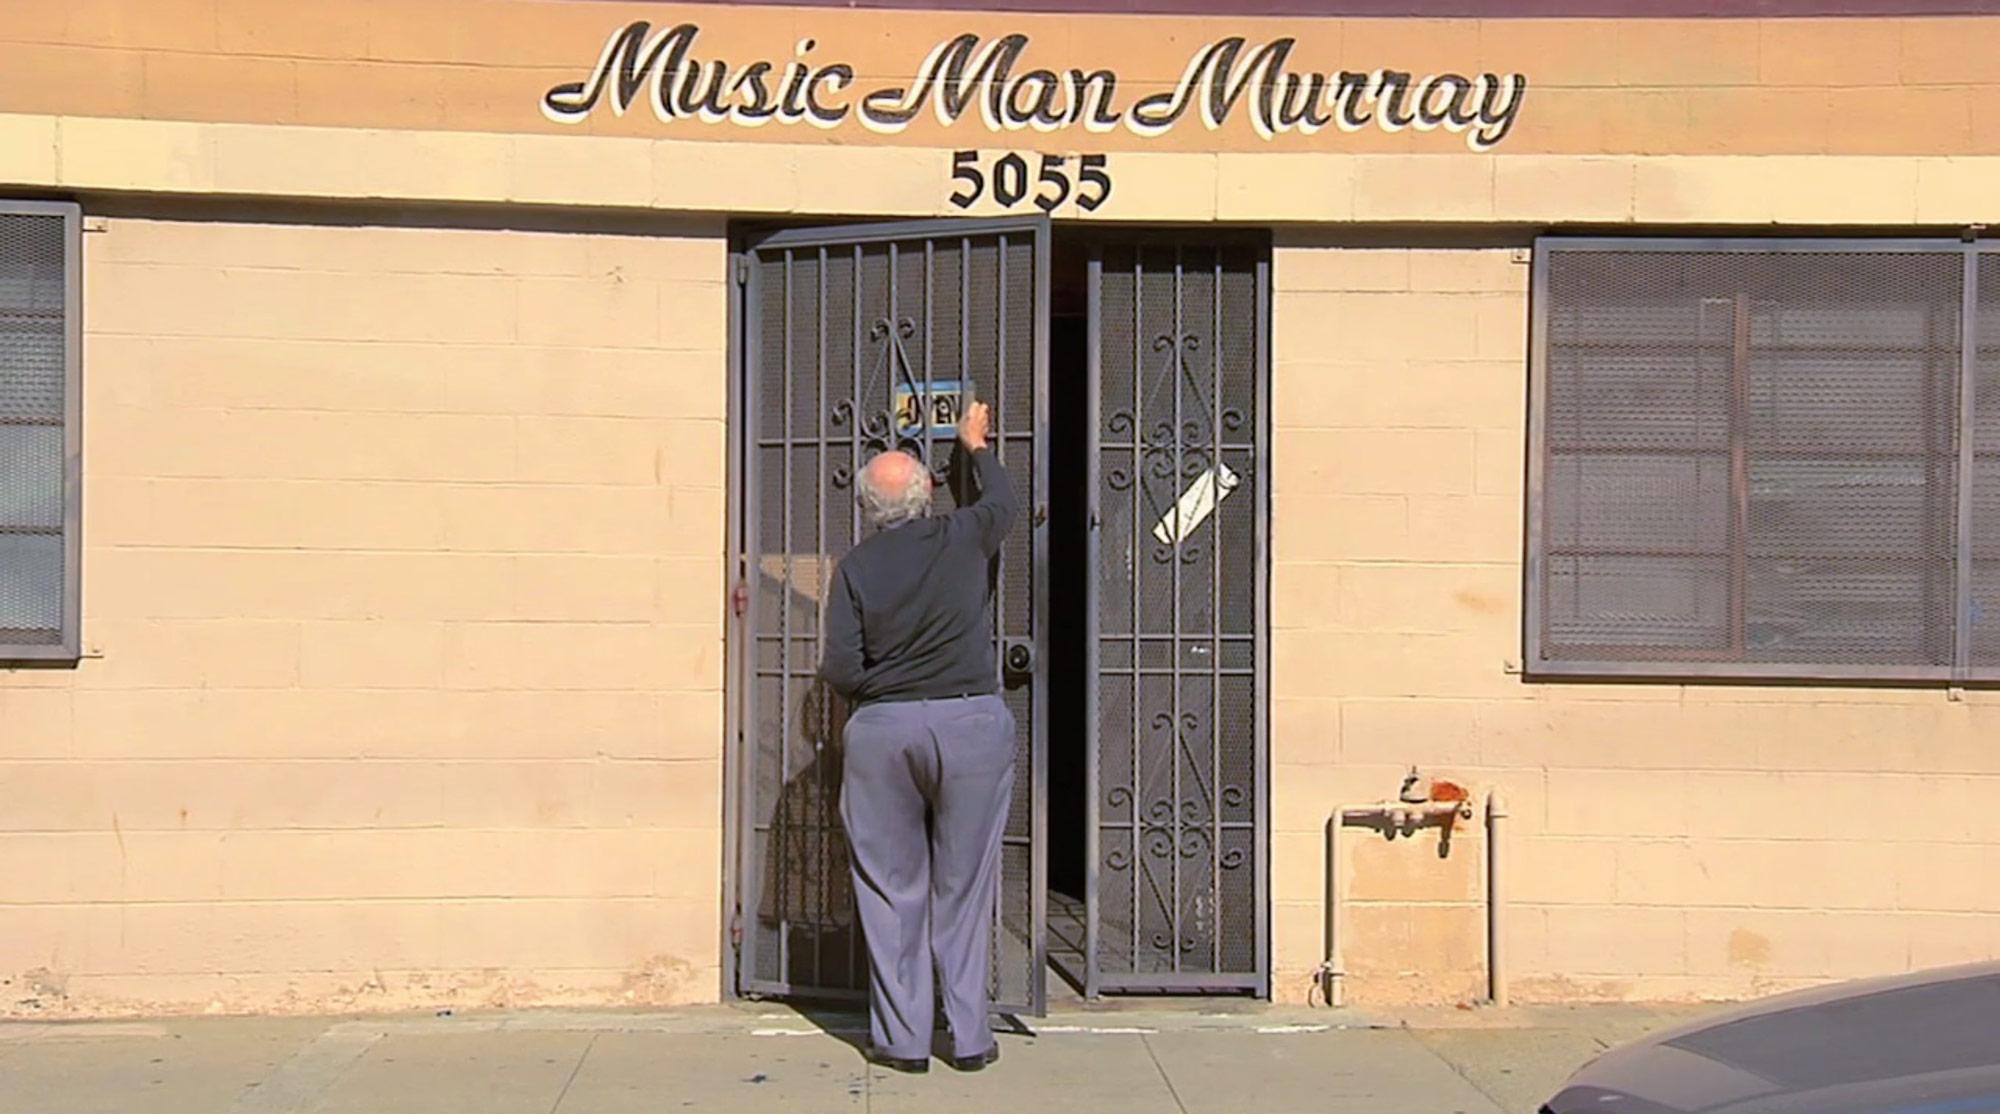 MusicManMurray_03